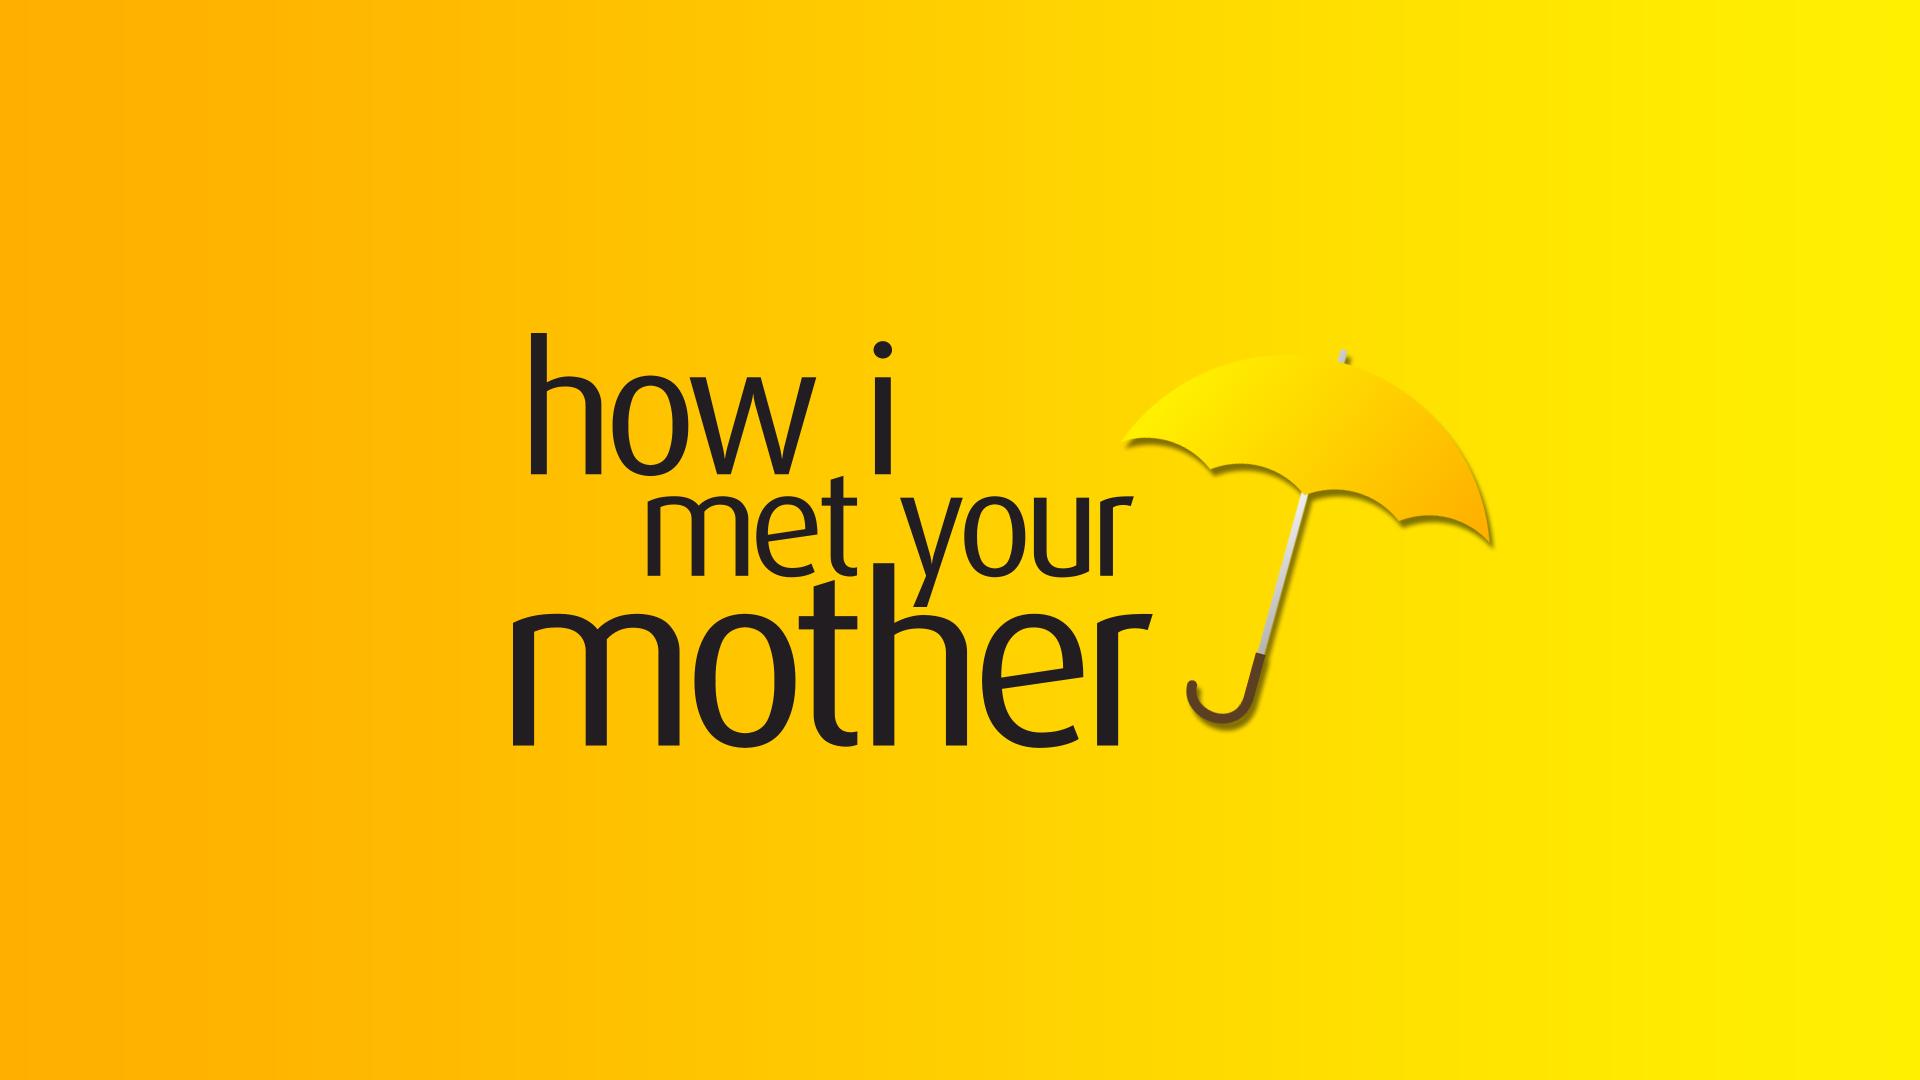 Wallpaper How I Met You Mother By Suzigan96 On Deviantart